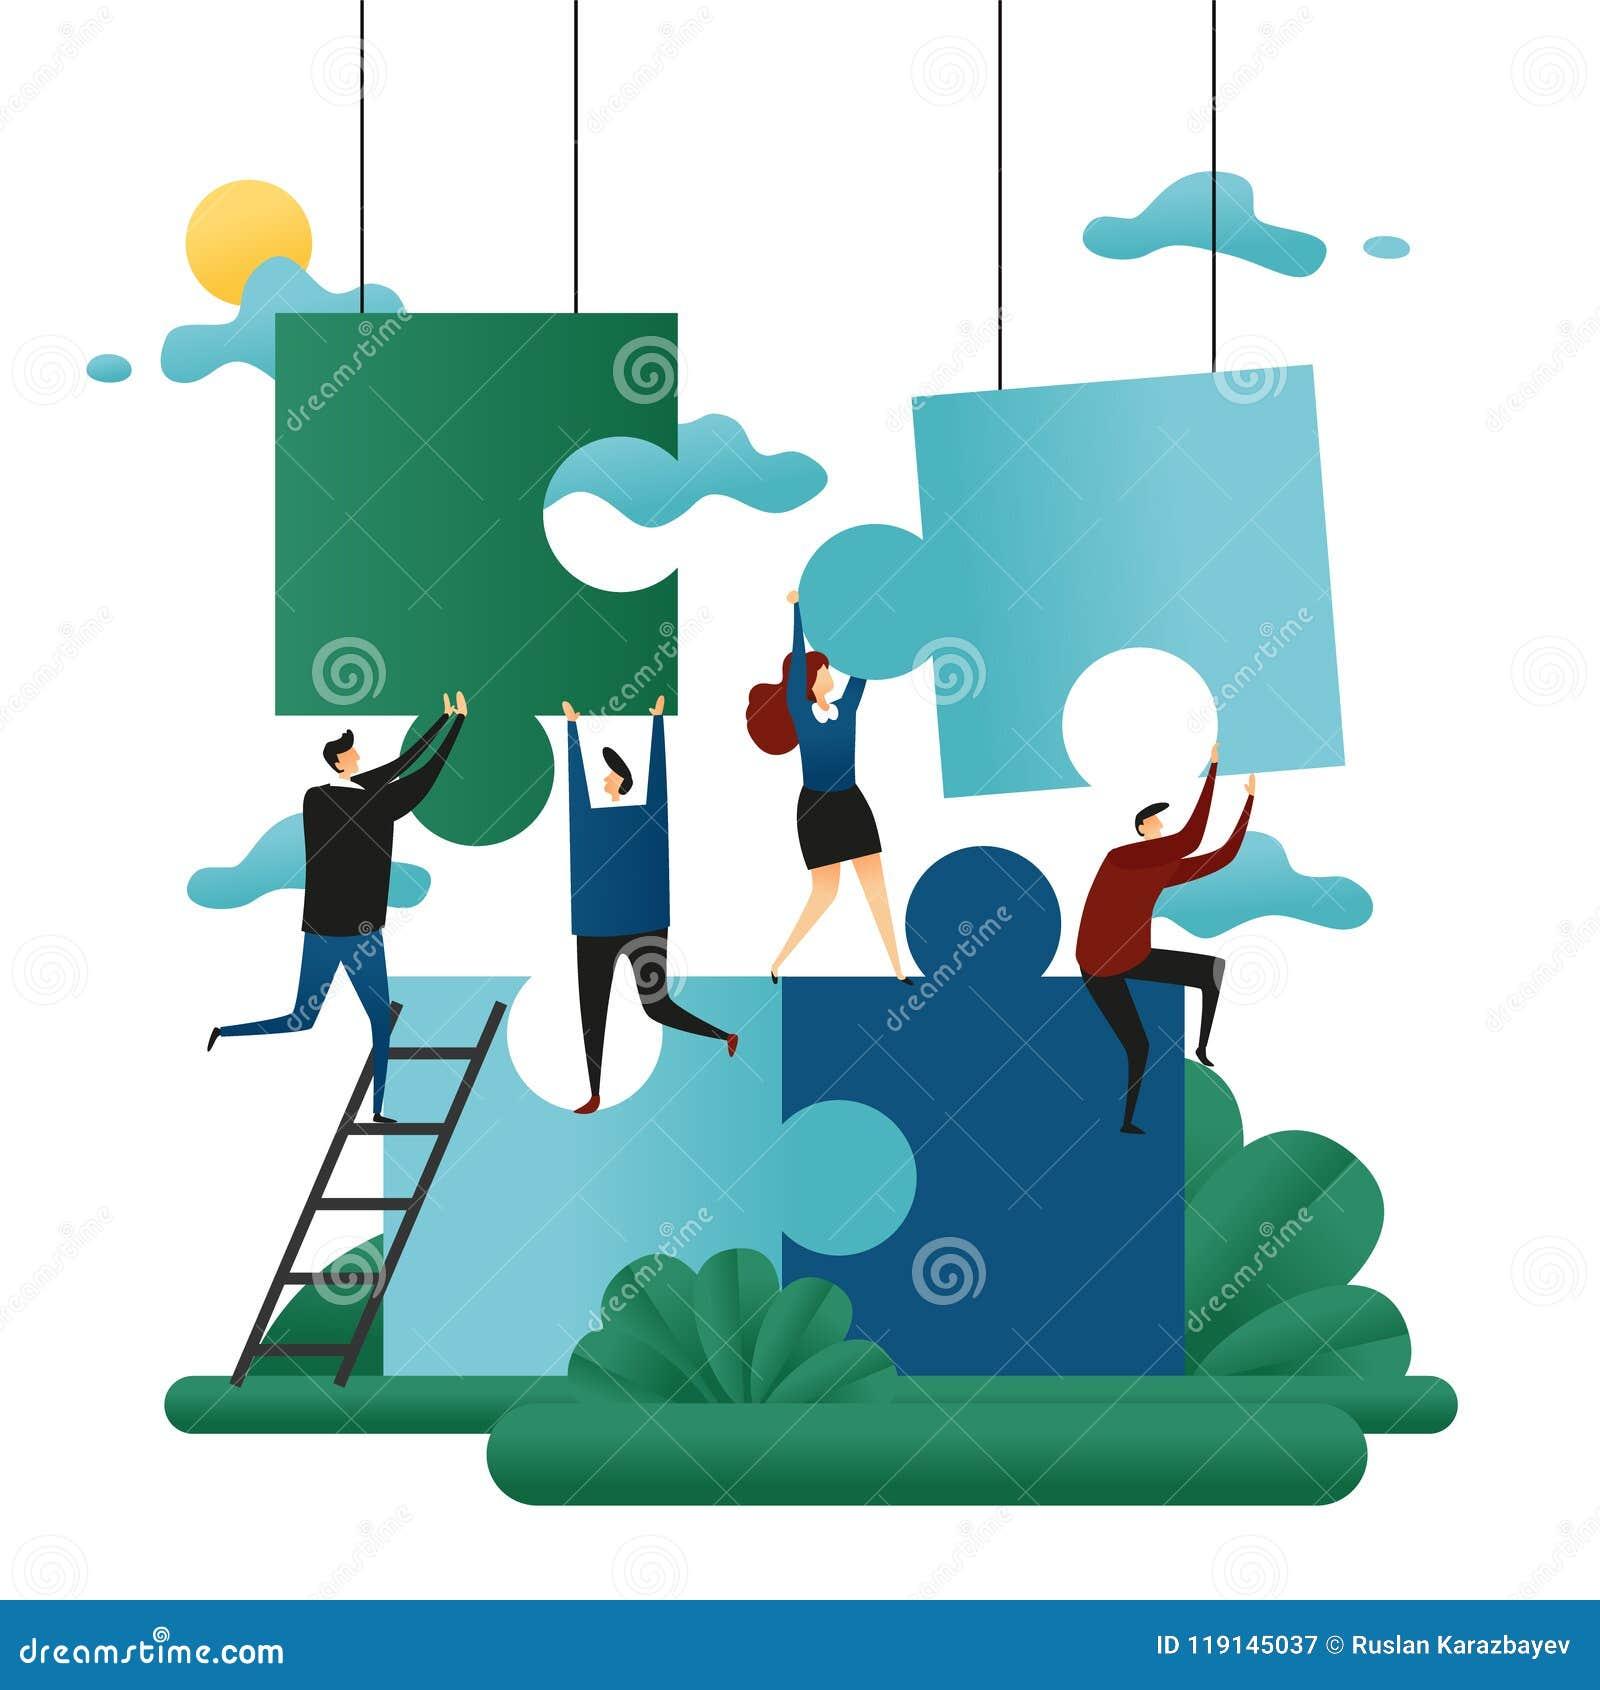 Büro-Genossenschafts-Teamwork Leute-Gestalt-Puzzlespiele Problem-Lösungs-Geschäfts-Konzept-Vektor-Illustration